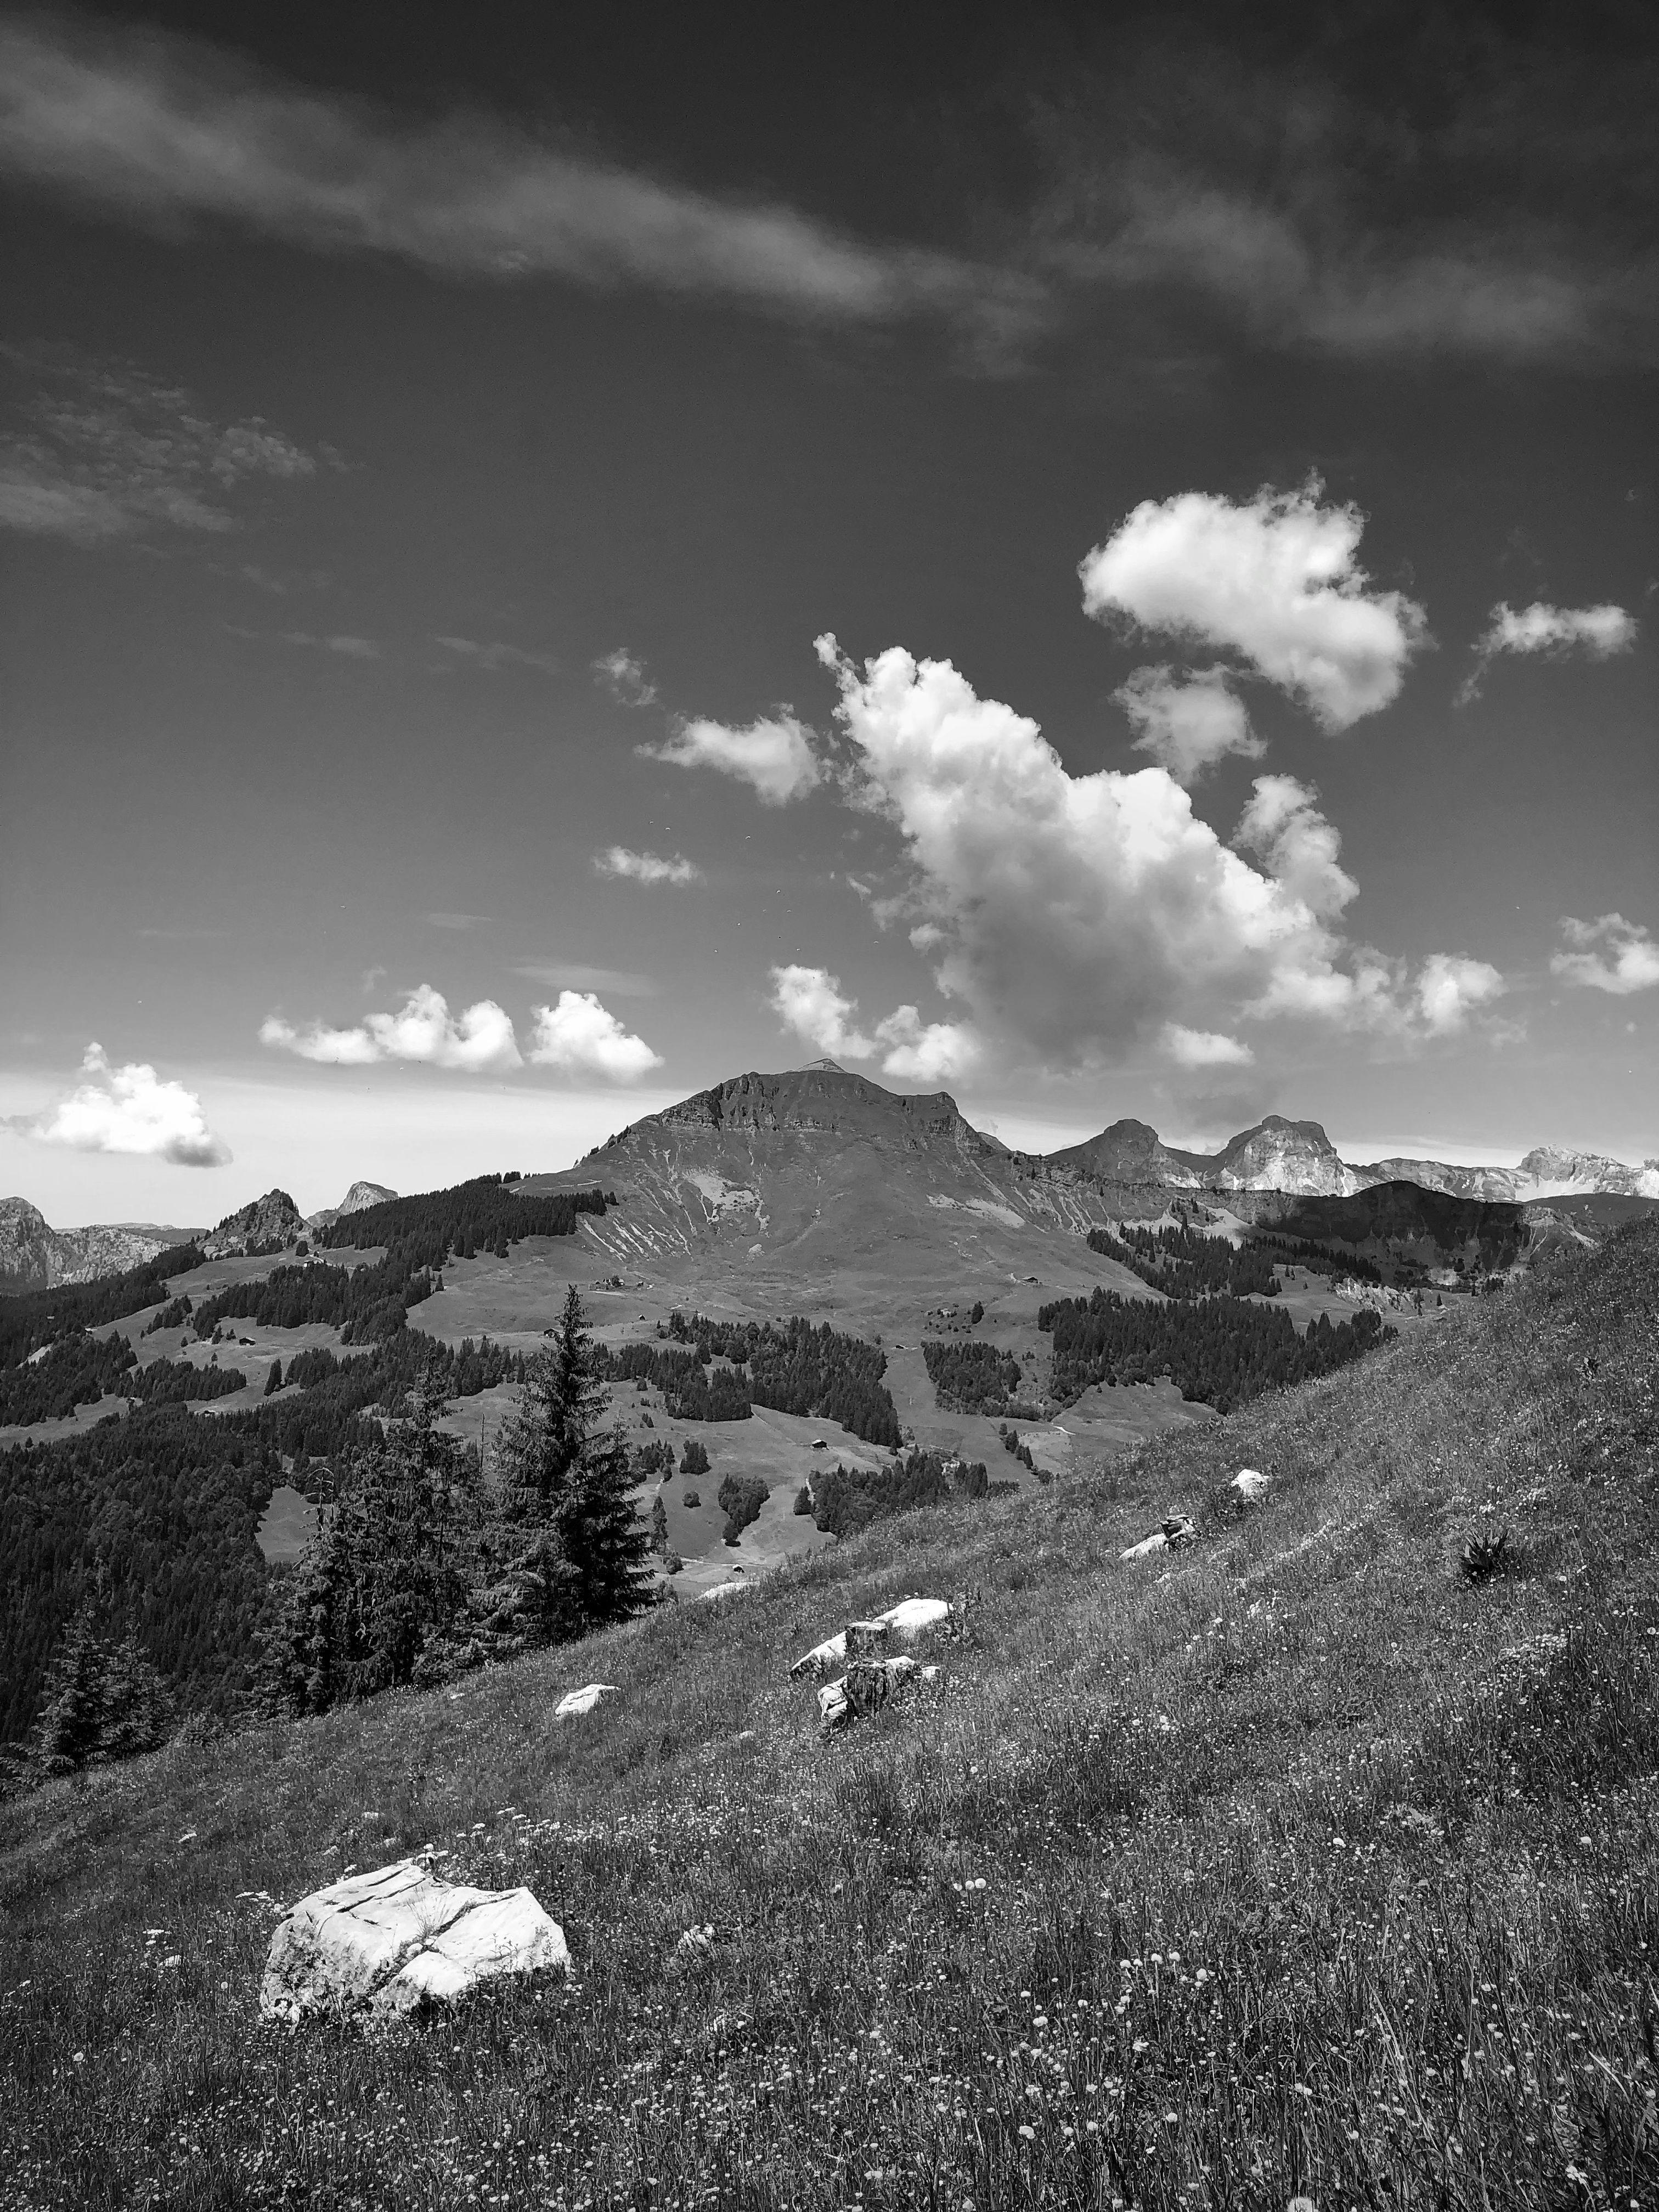 Vue Du Mont Lachat Dans Les Aravis Projet365 Aravis Hautesavoie Laclusaz Montagne Alpes Paysage Photographie Photo En Noir Photographie Noir Et Blanc